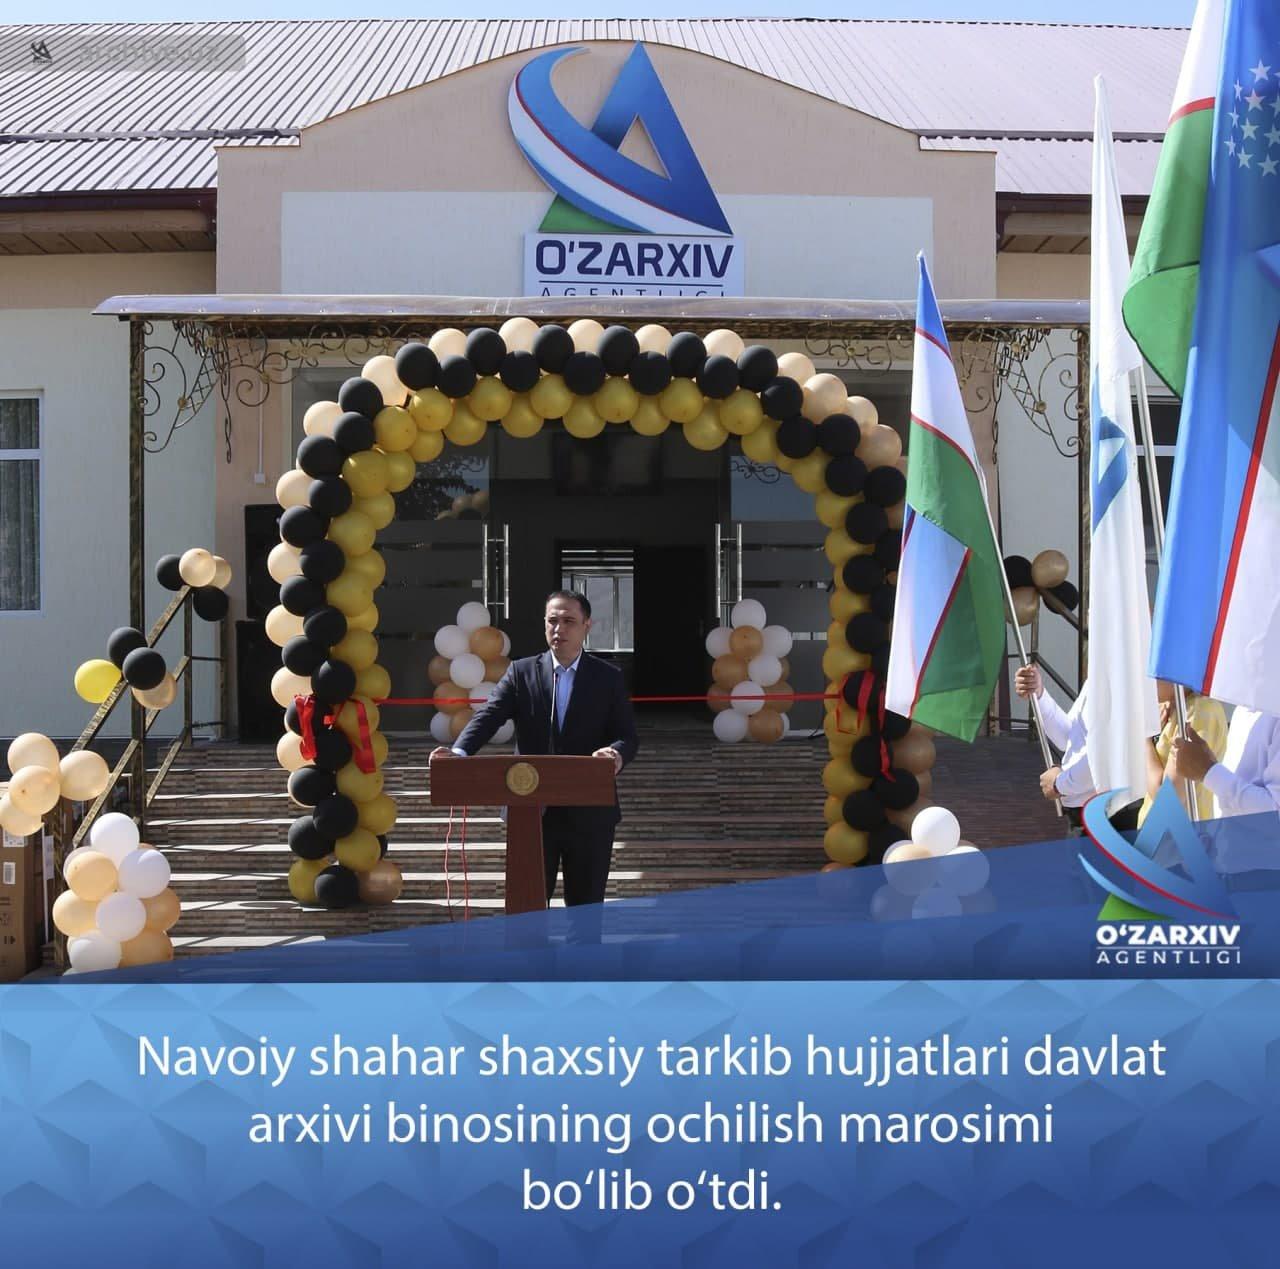 Navoiy shahar  shaxsiy tarkib hujjatlari davlat arxivi  yangi  binosi foydalanishga topshirildi.